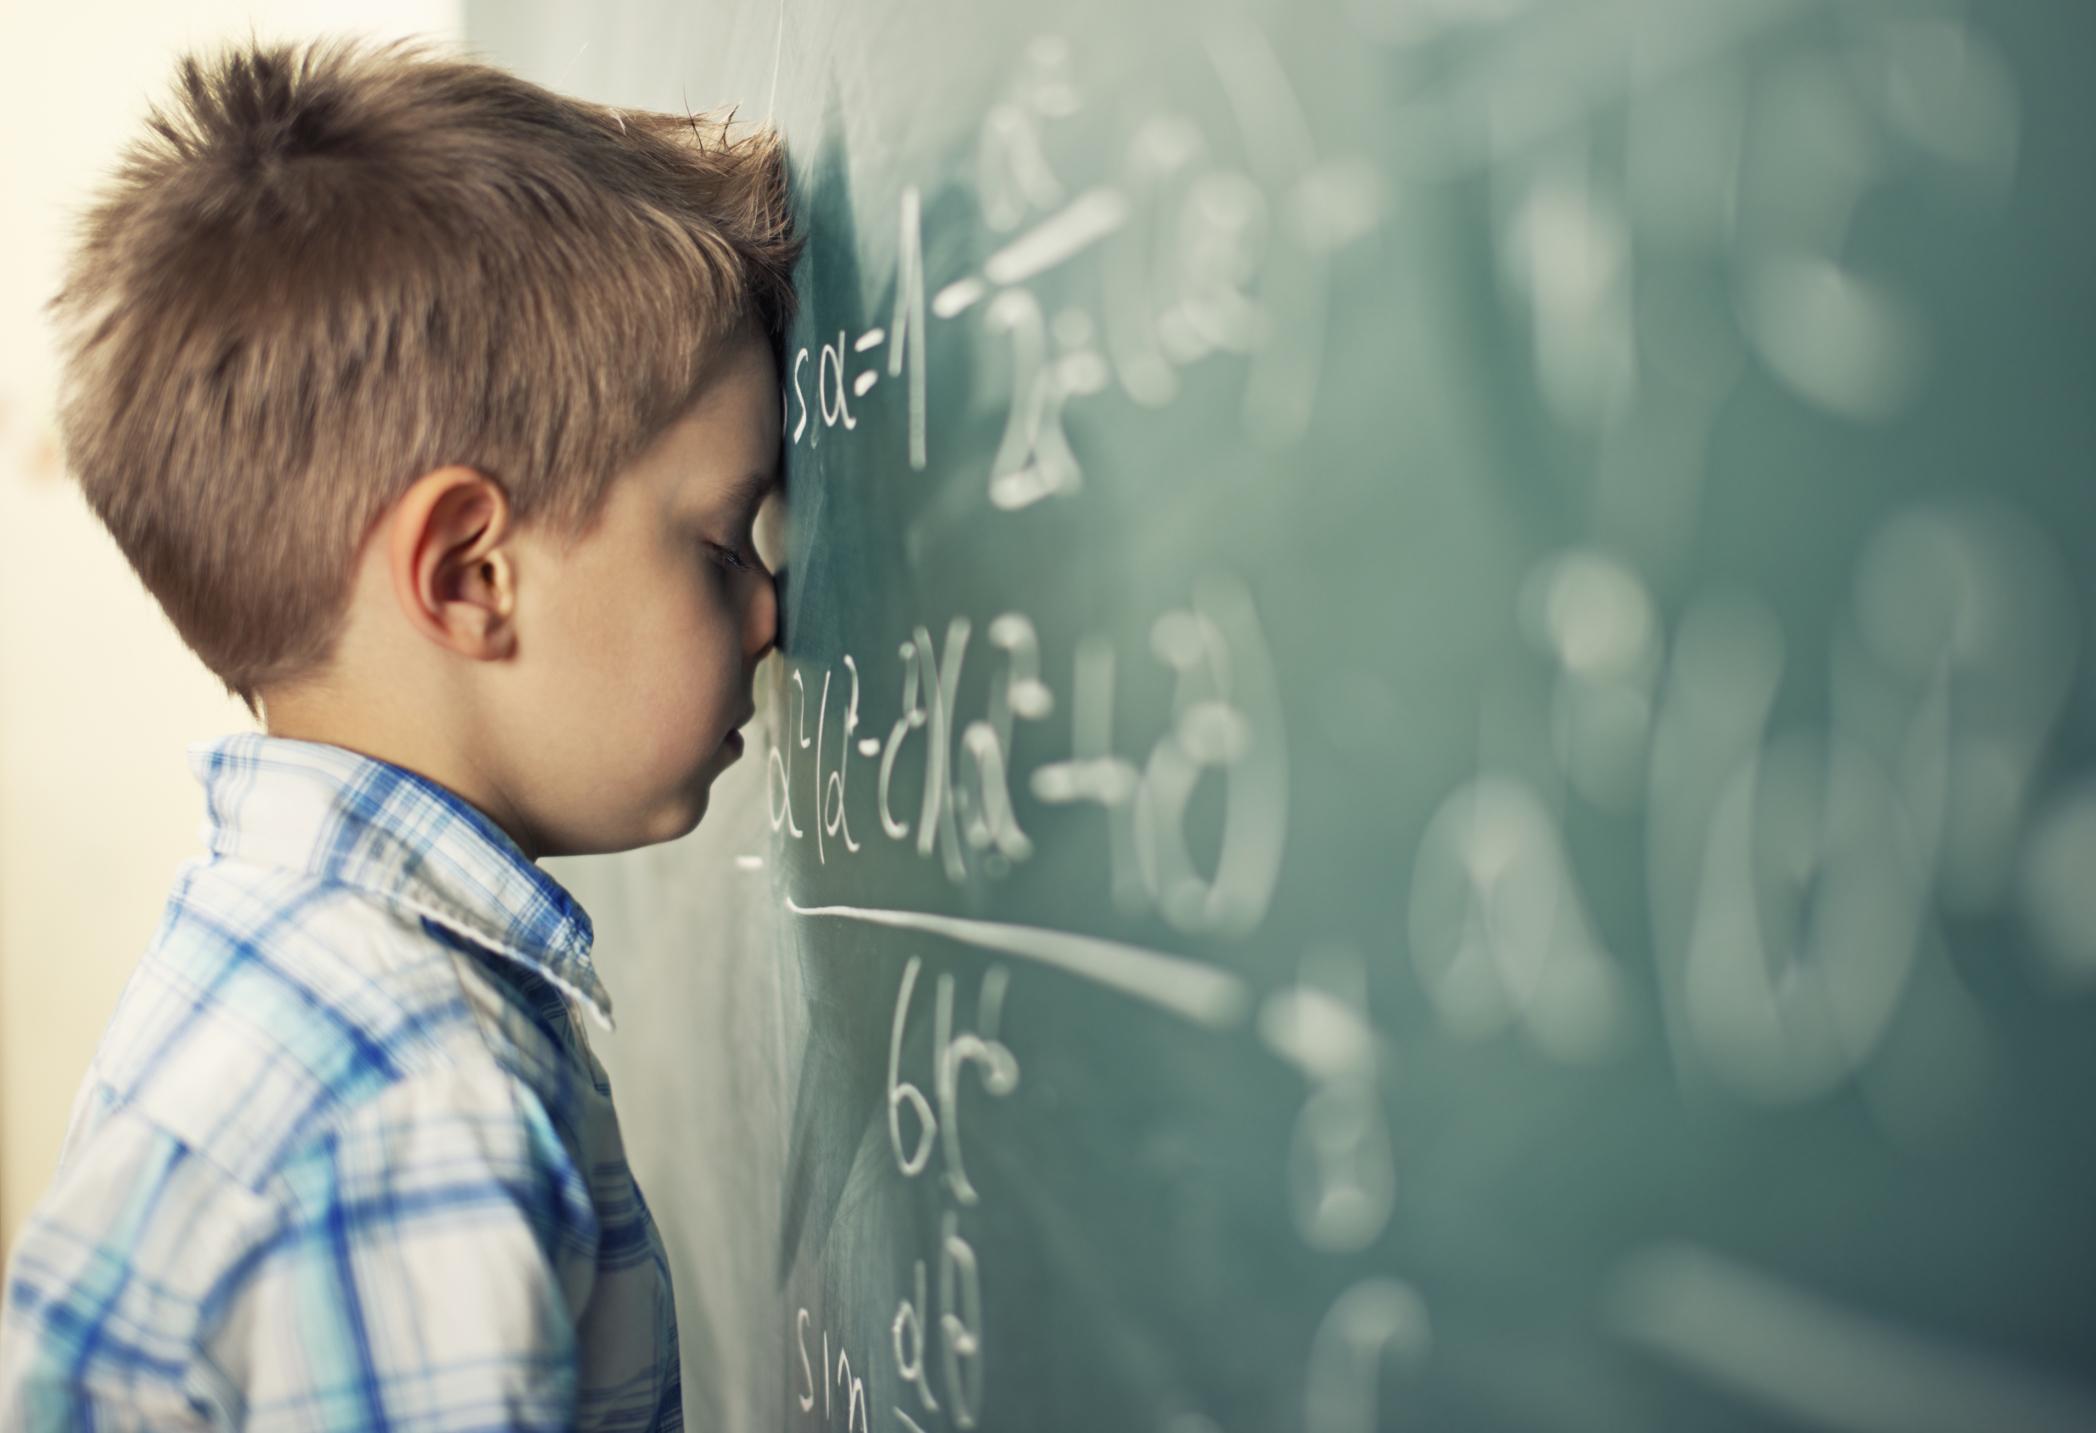 Psicologo scolastico contro insegnamento monotono e frustrante